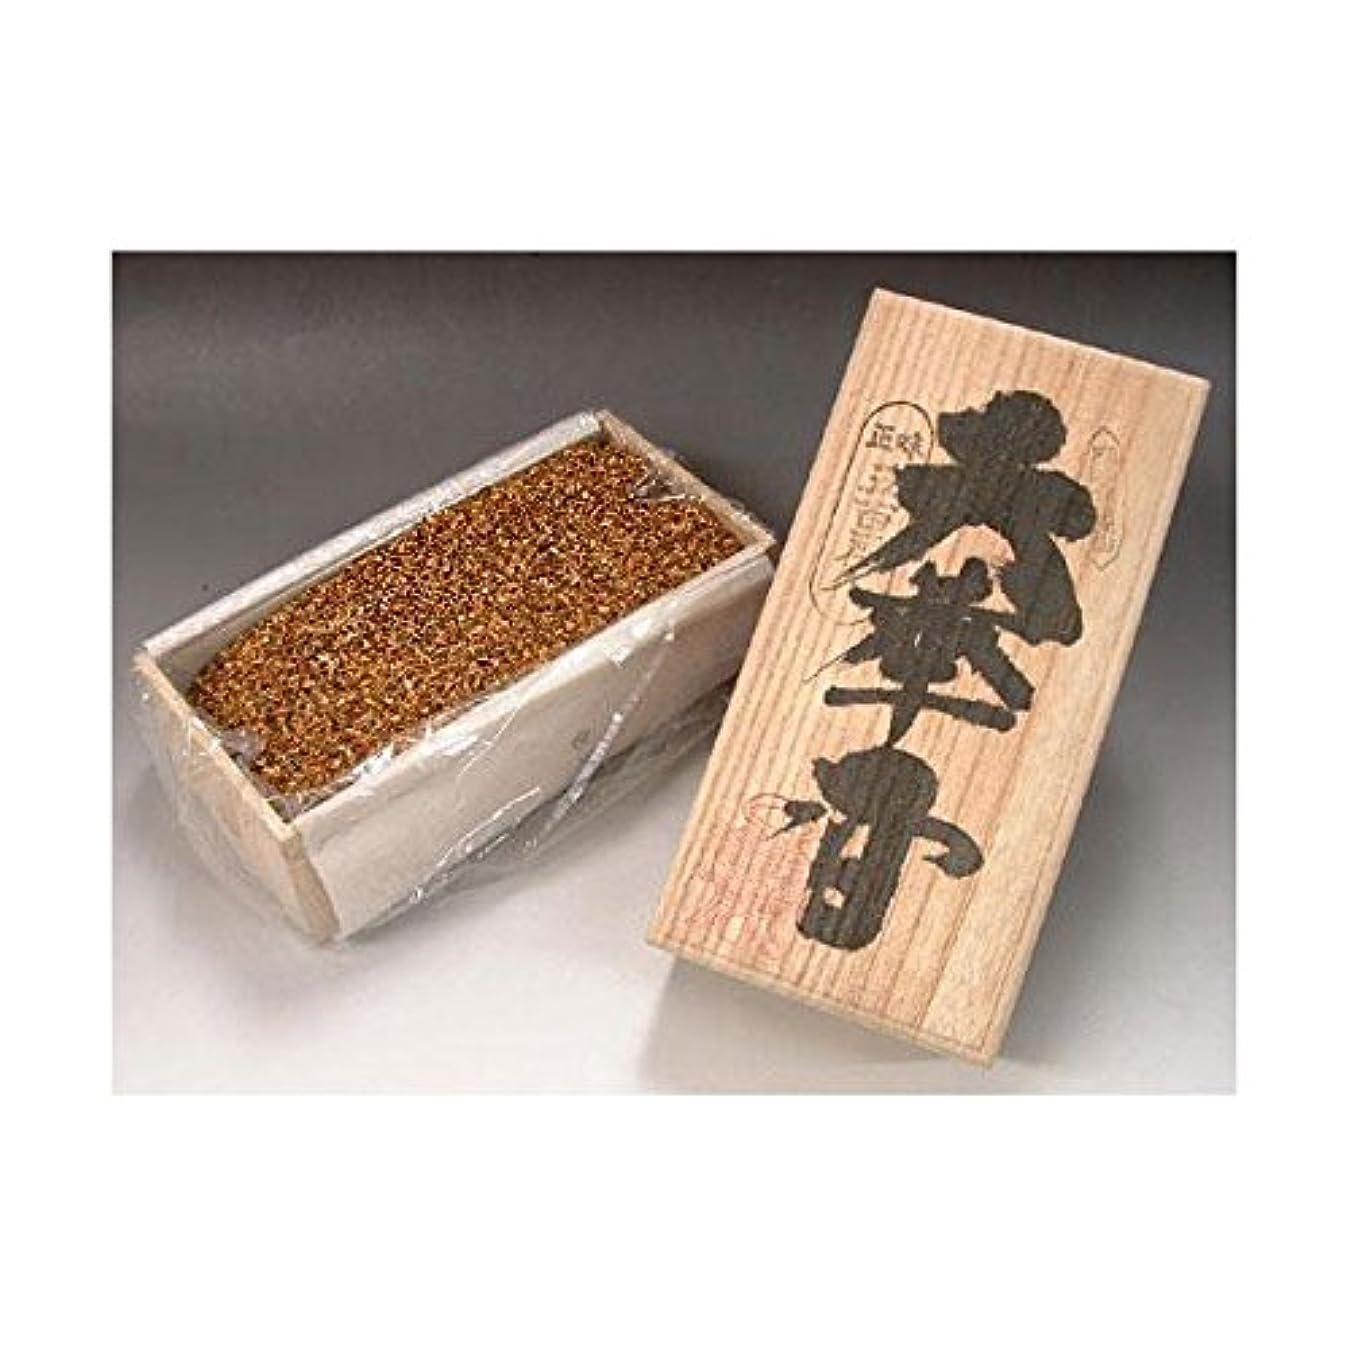 パネル山脊椎焼香 天華香(テンカコウ)500g桐箱入